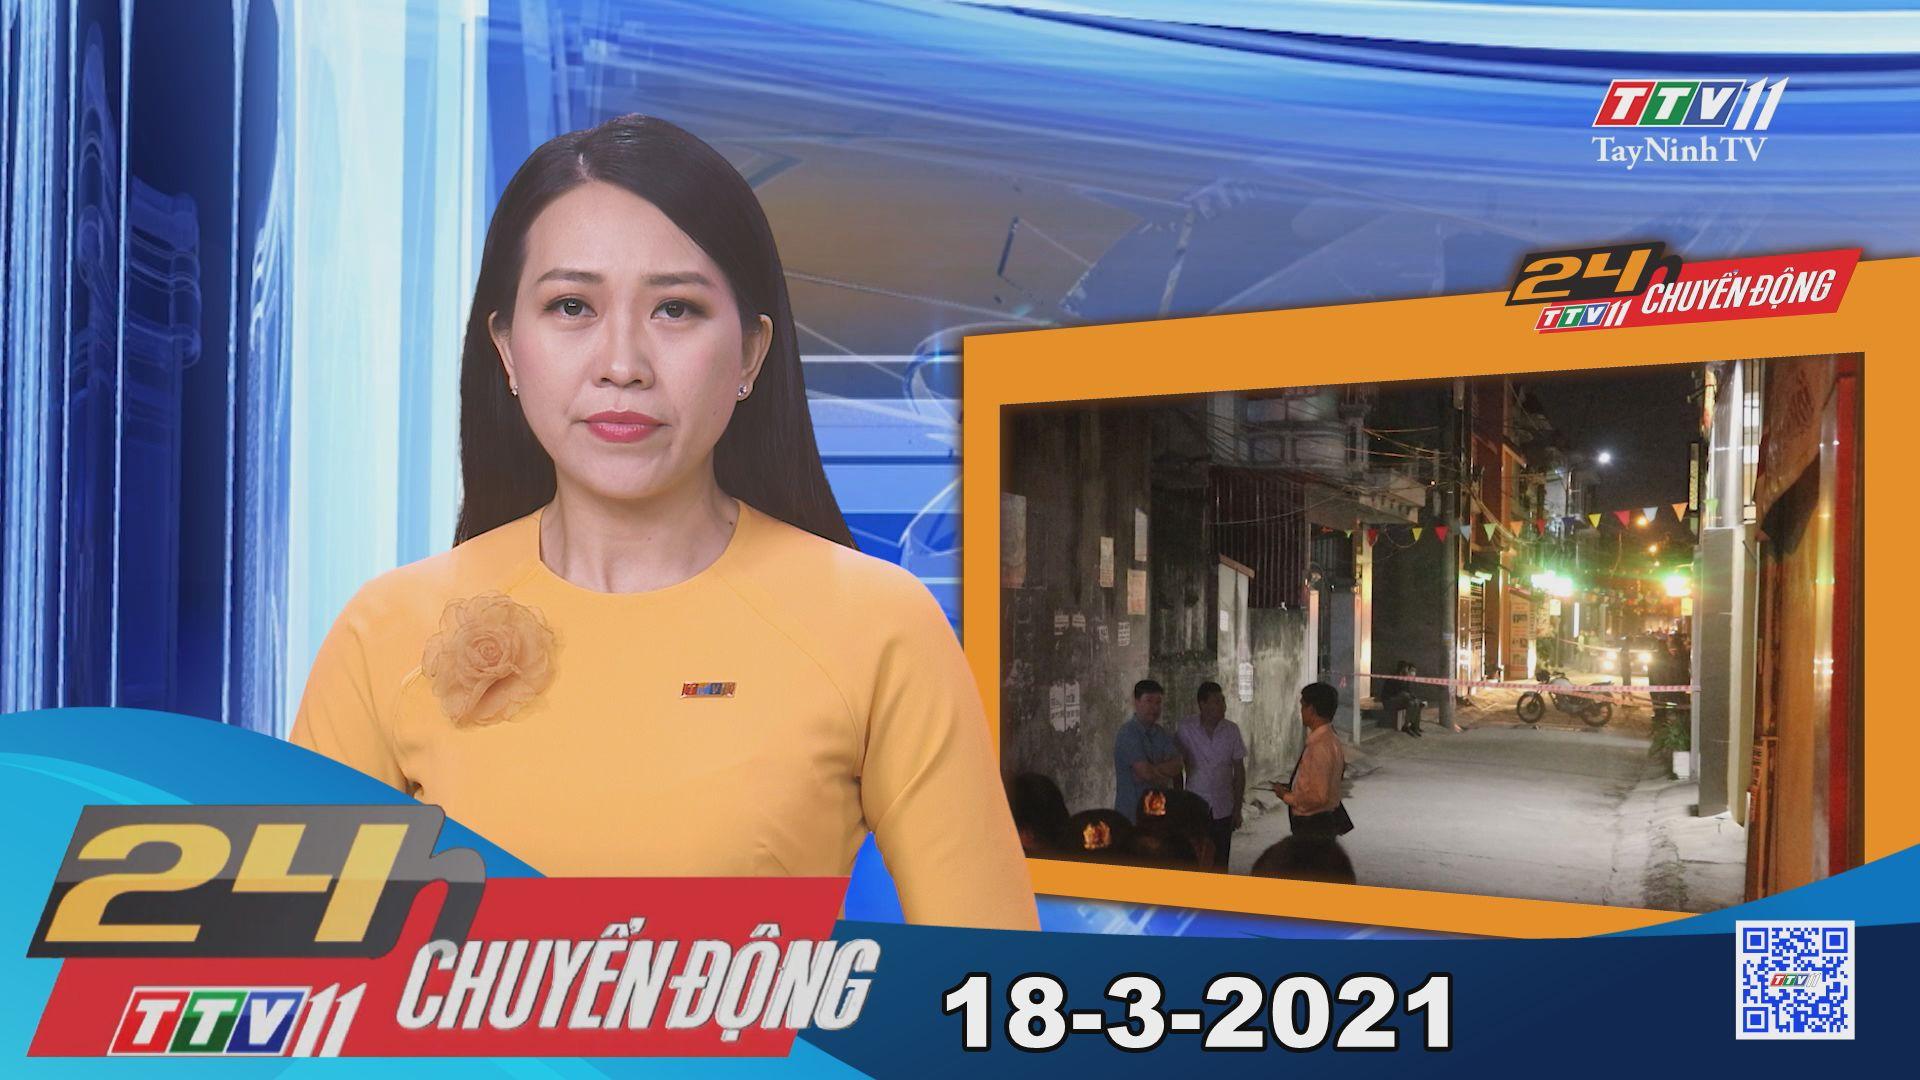 24h Chuyển động 18-3-2021 | Tin tức hôm nay | TayNinhTV